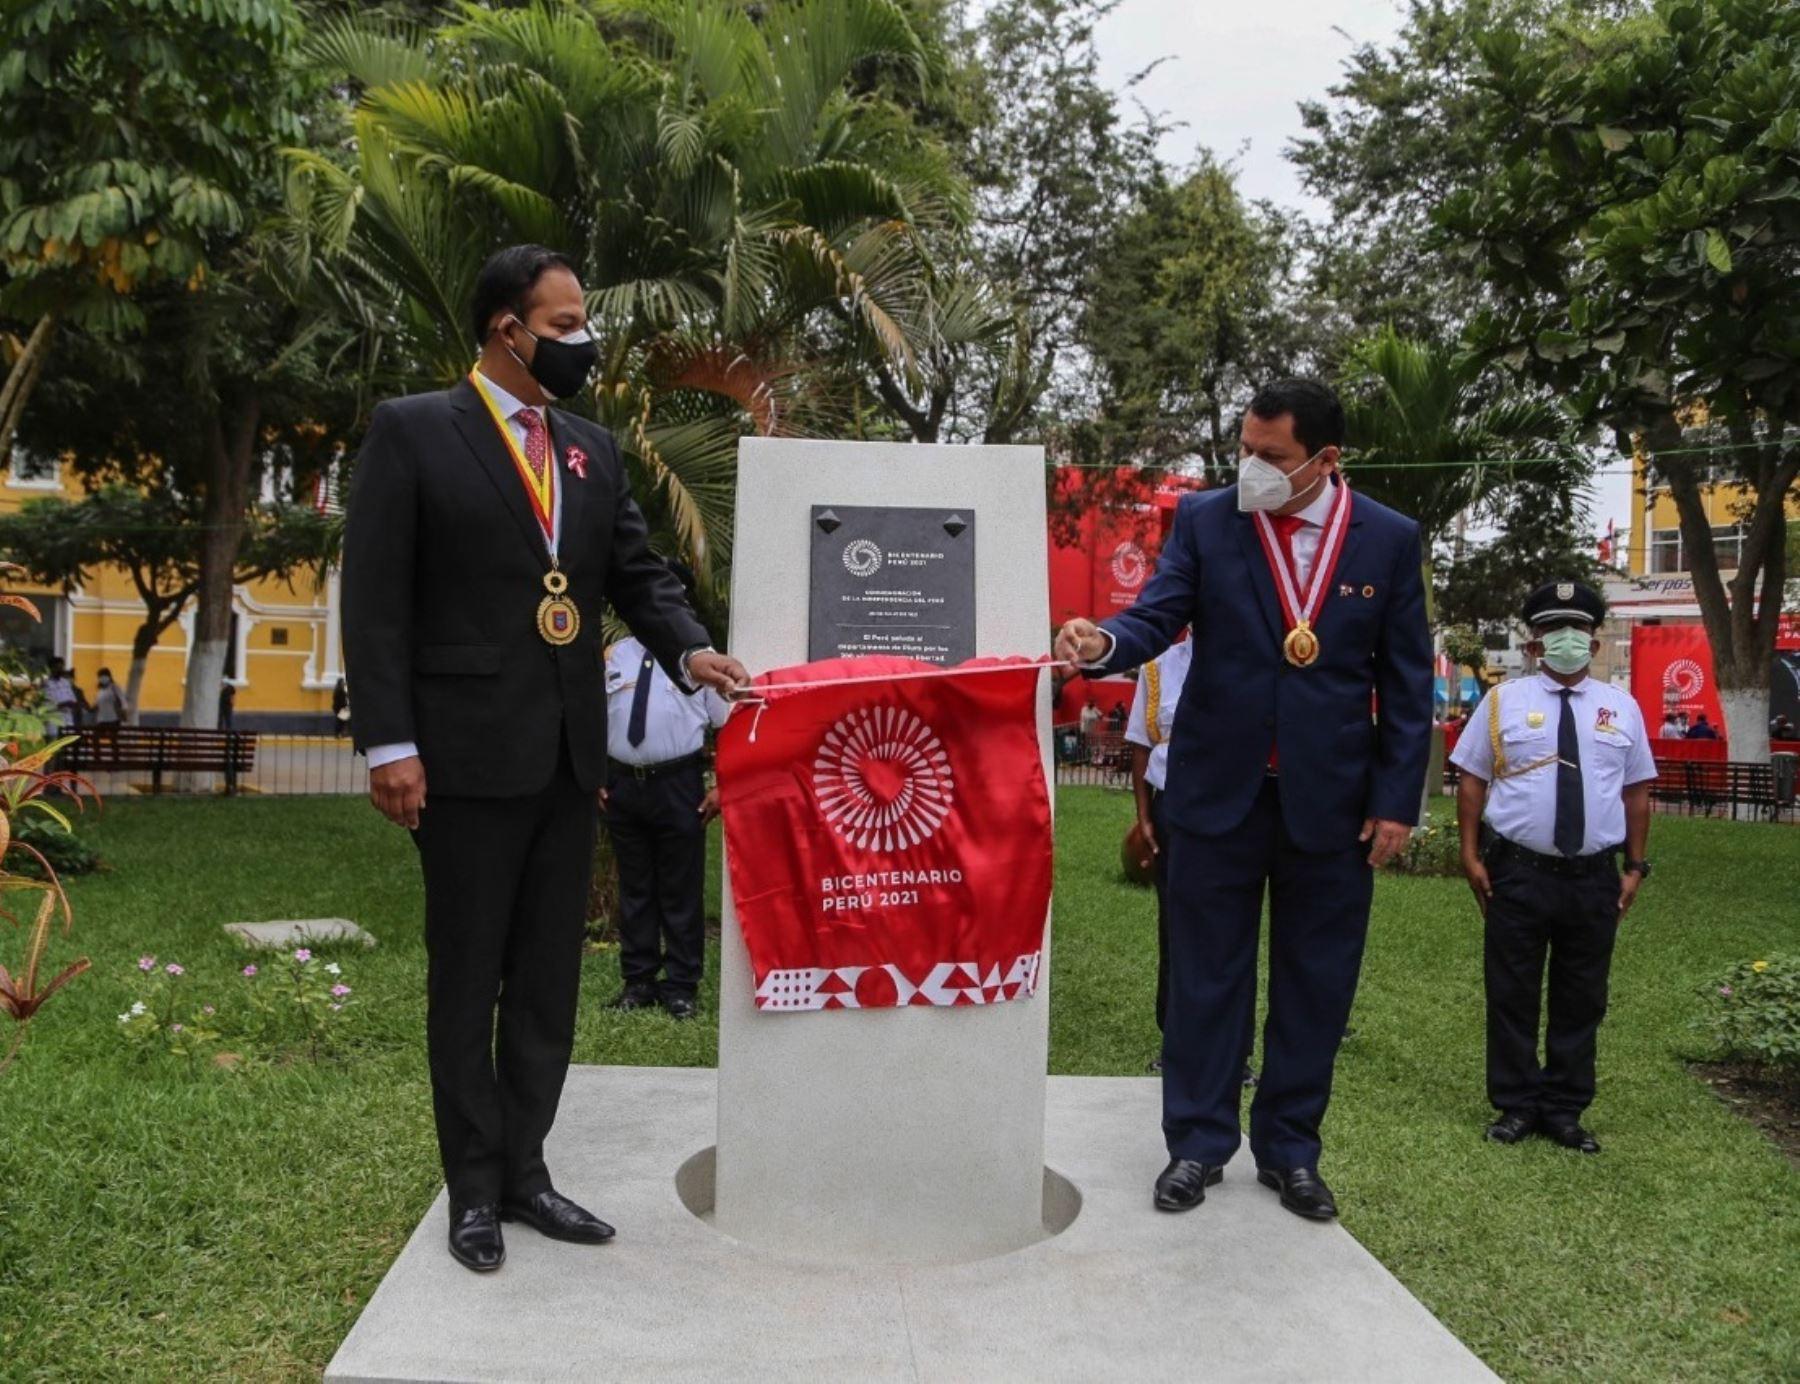 Con diversas actividades oficiales, Piura celebra los 200 años de la Independencia del Perú. Foto: David Ramos